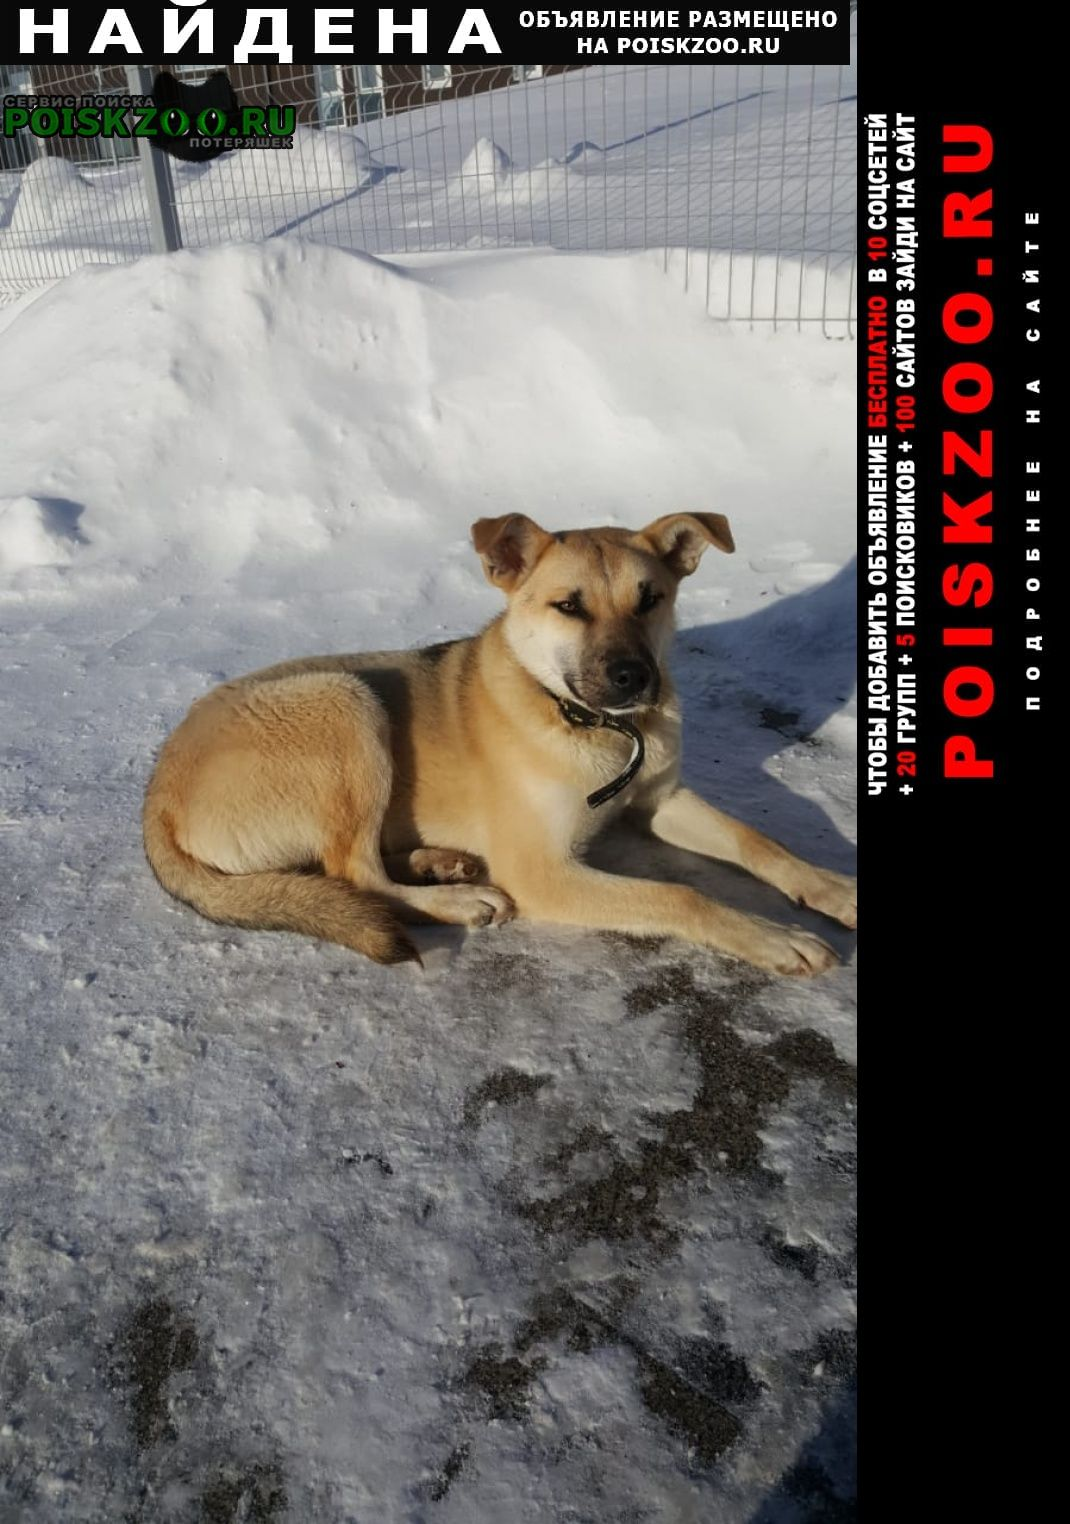 Найдена собака коммунарка Москва